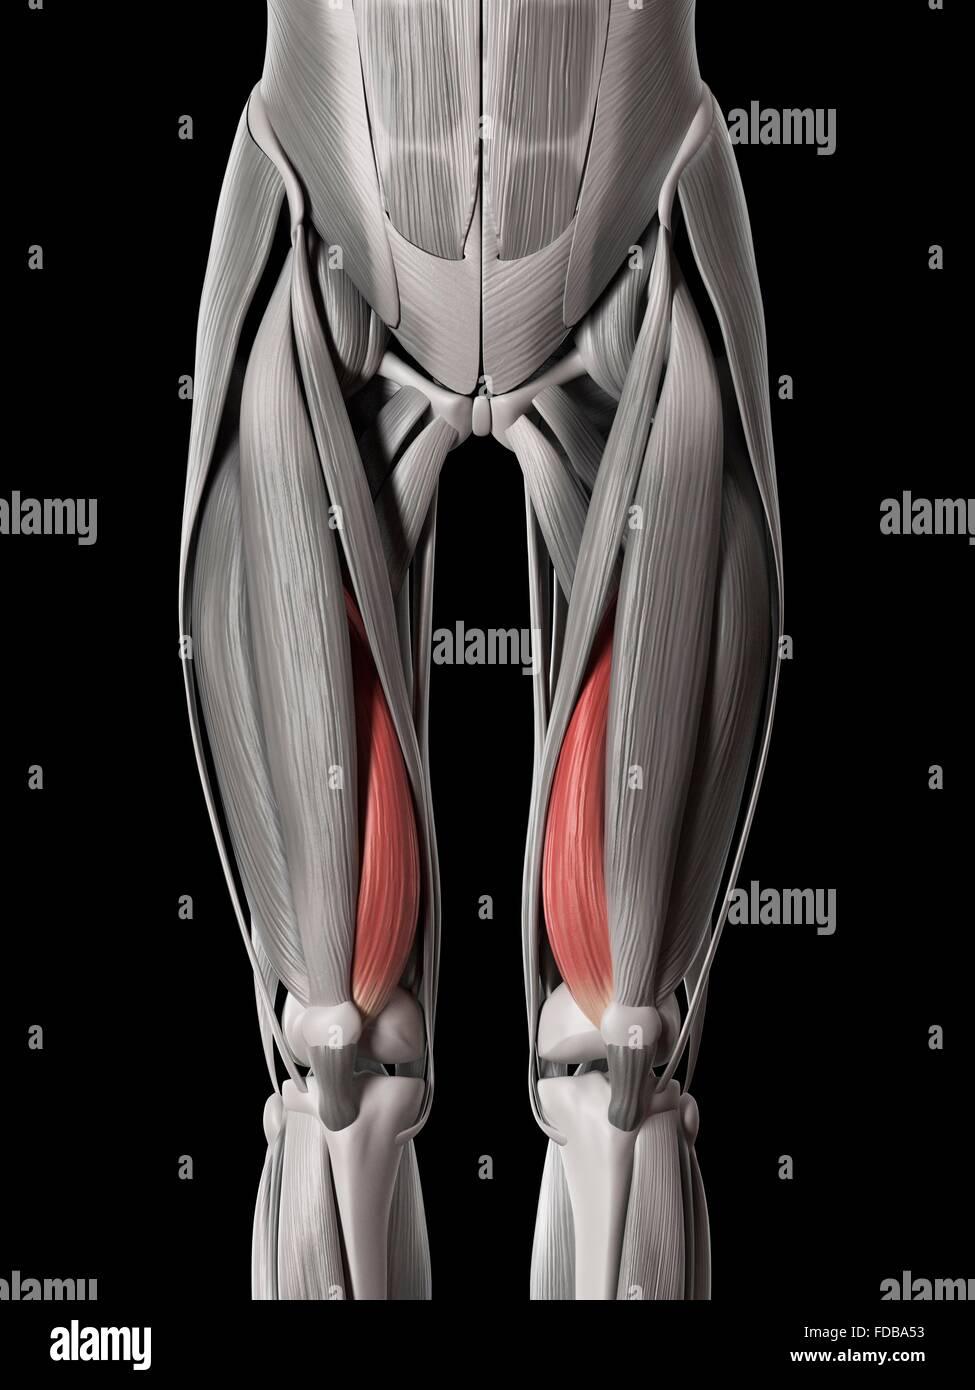 Los músculos de la pierna humana (Vastus Medialis), ilustración Foto ...